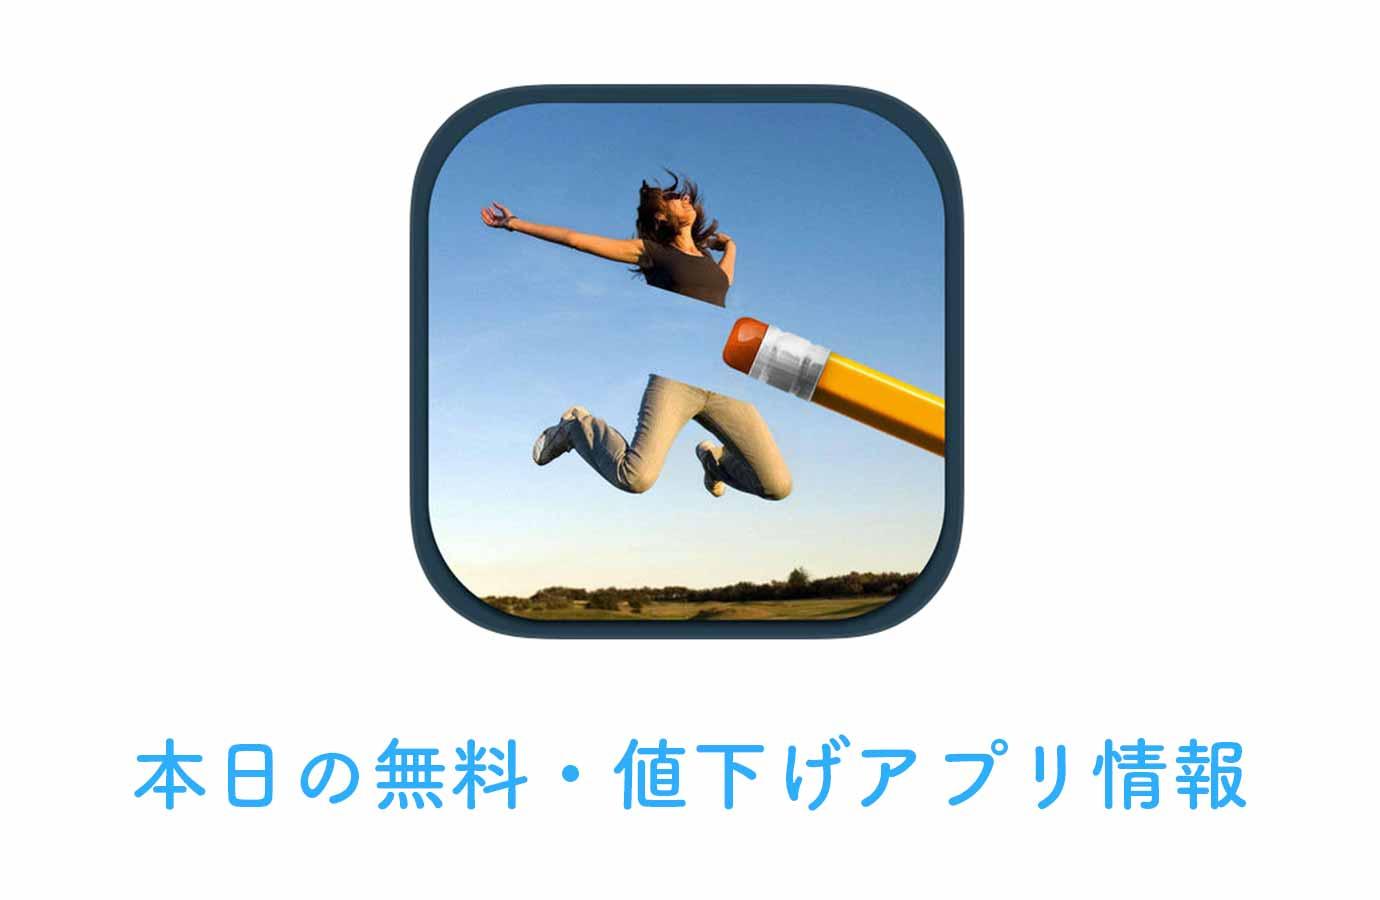 120円→無料、写真のいらない部分を削除できる画像編集アプリ「Photo Retouch」など【5/15】本日の無料・値下げアプリ情報